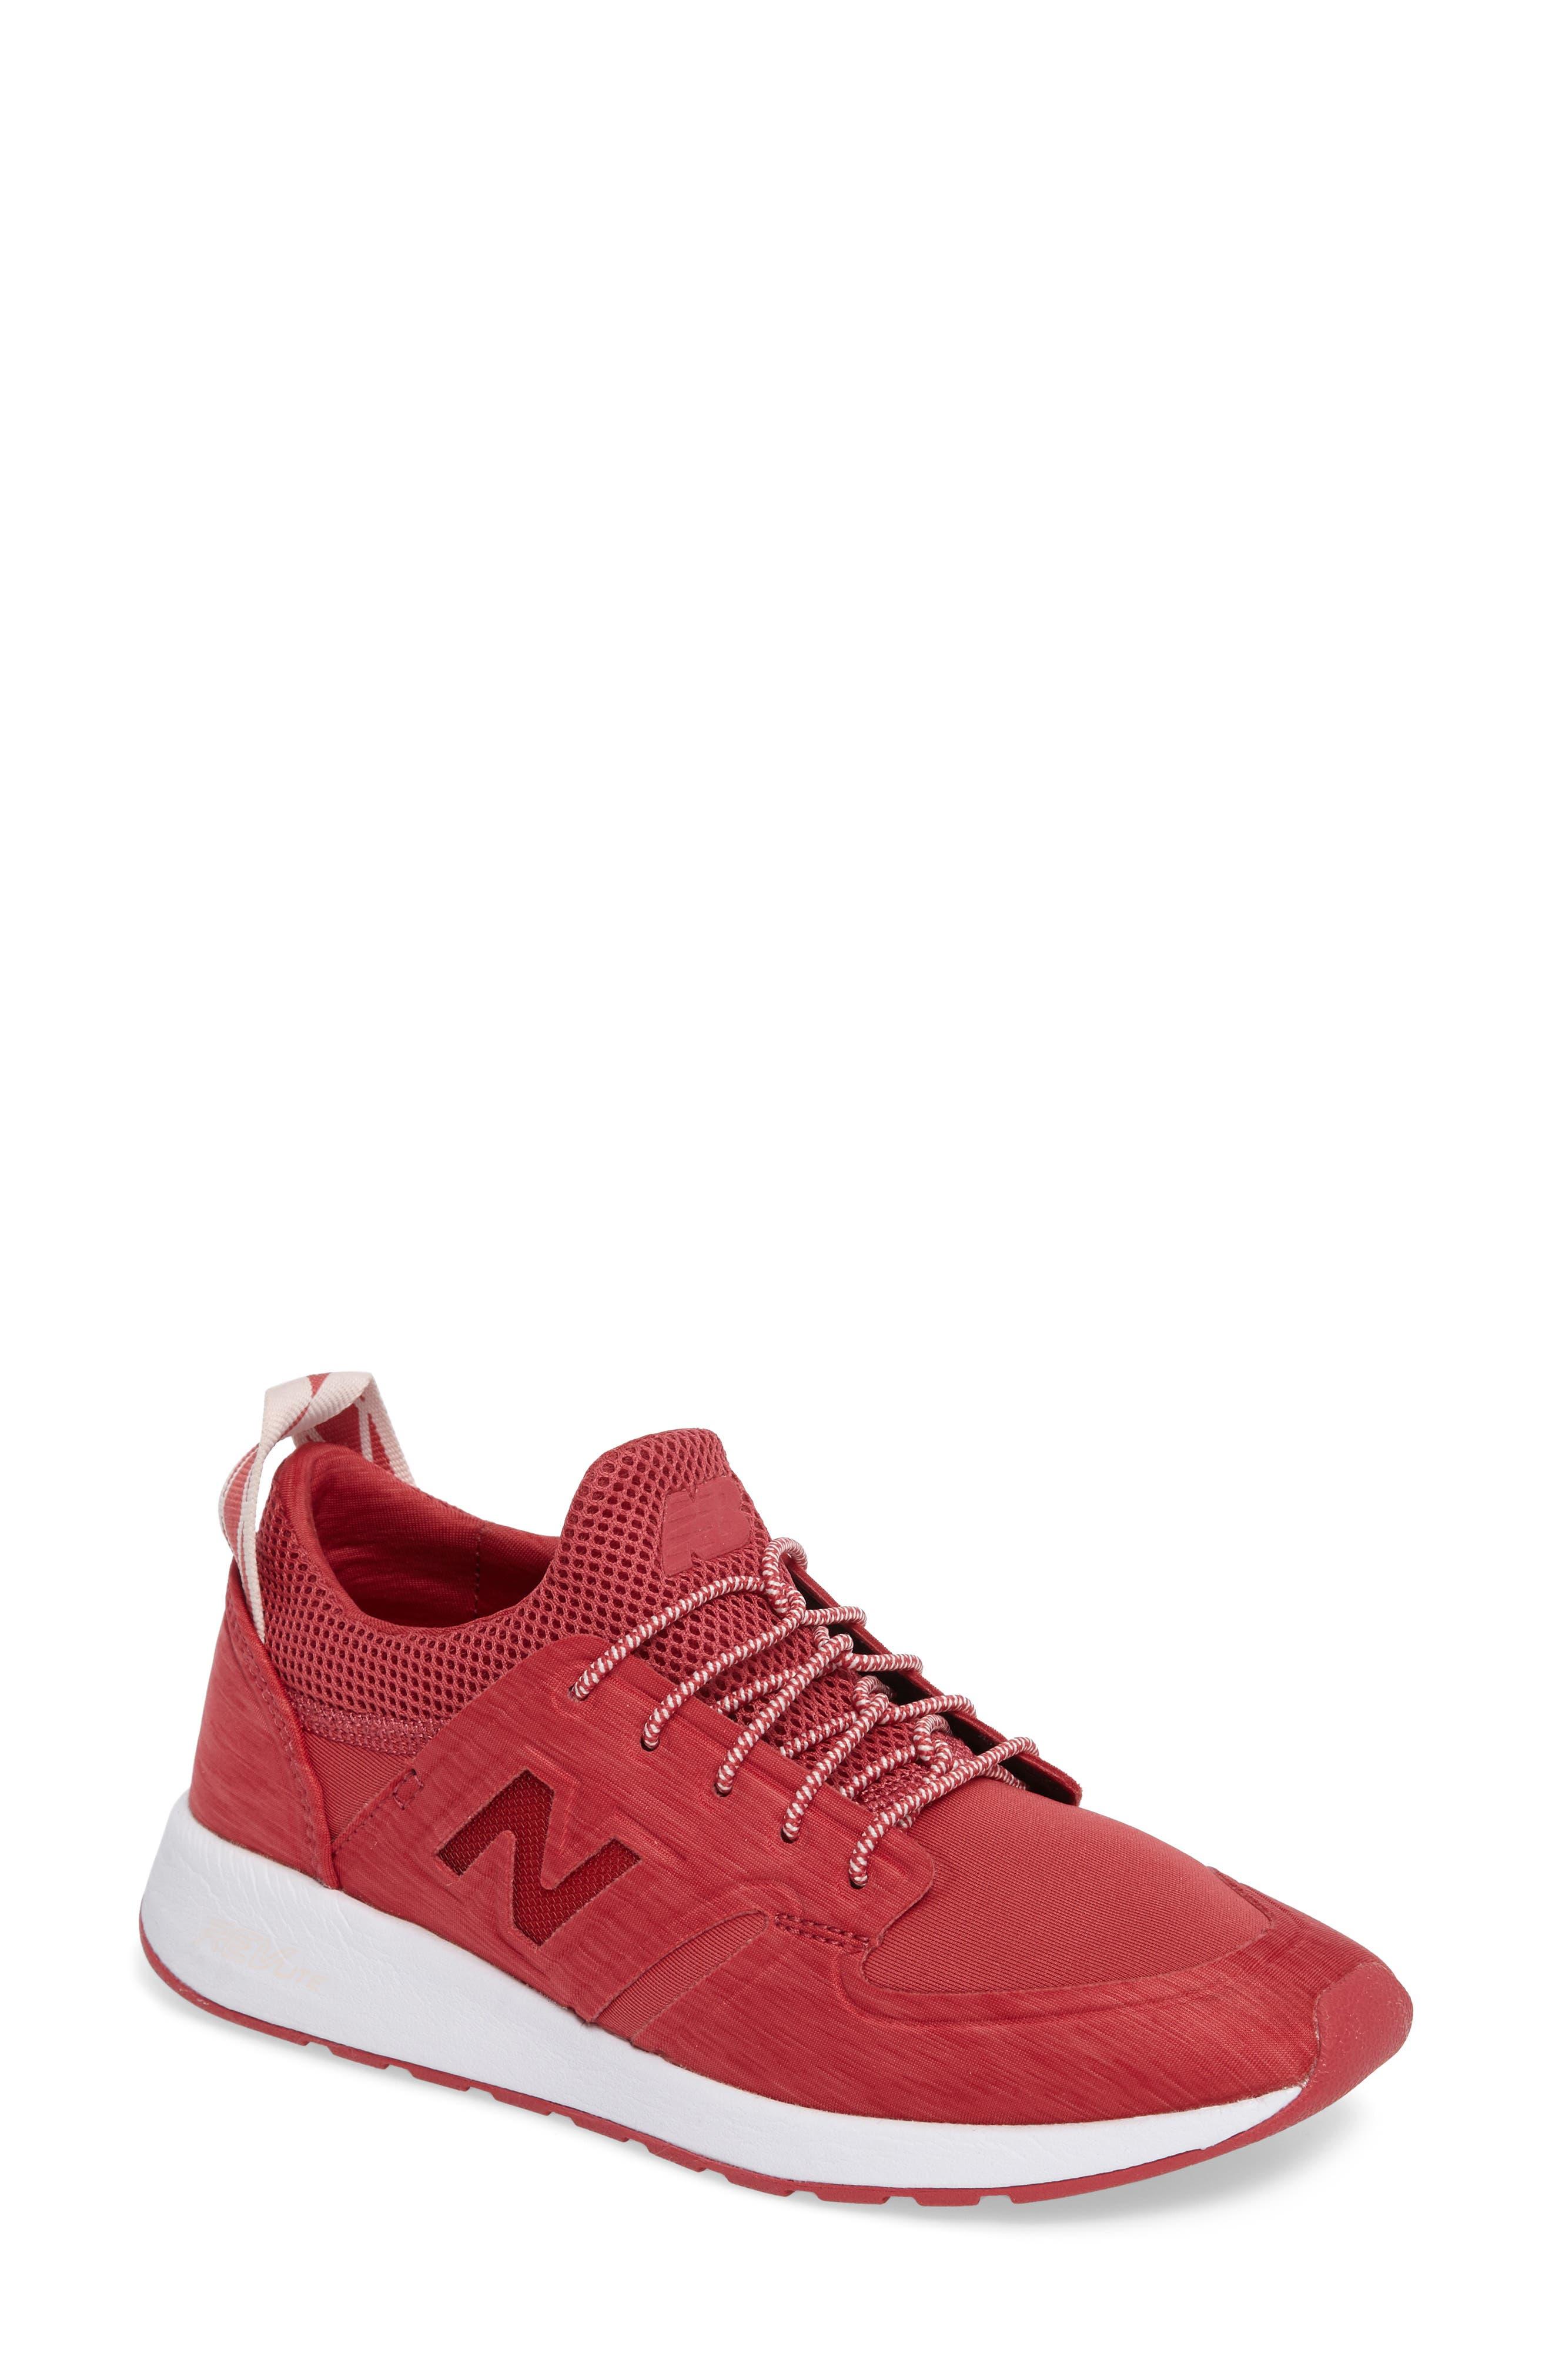 New Balance Sporty Style 420 Sneaker (Women)